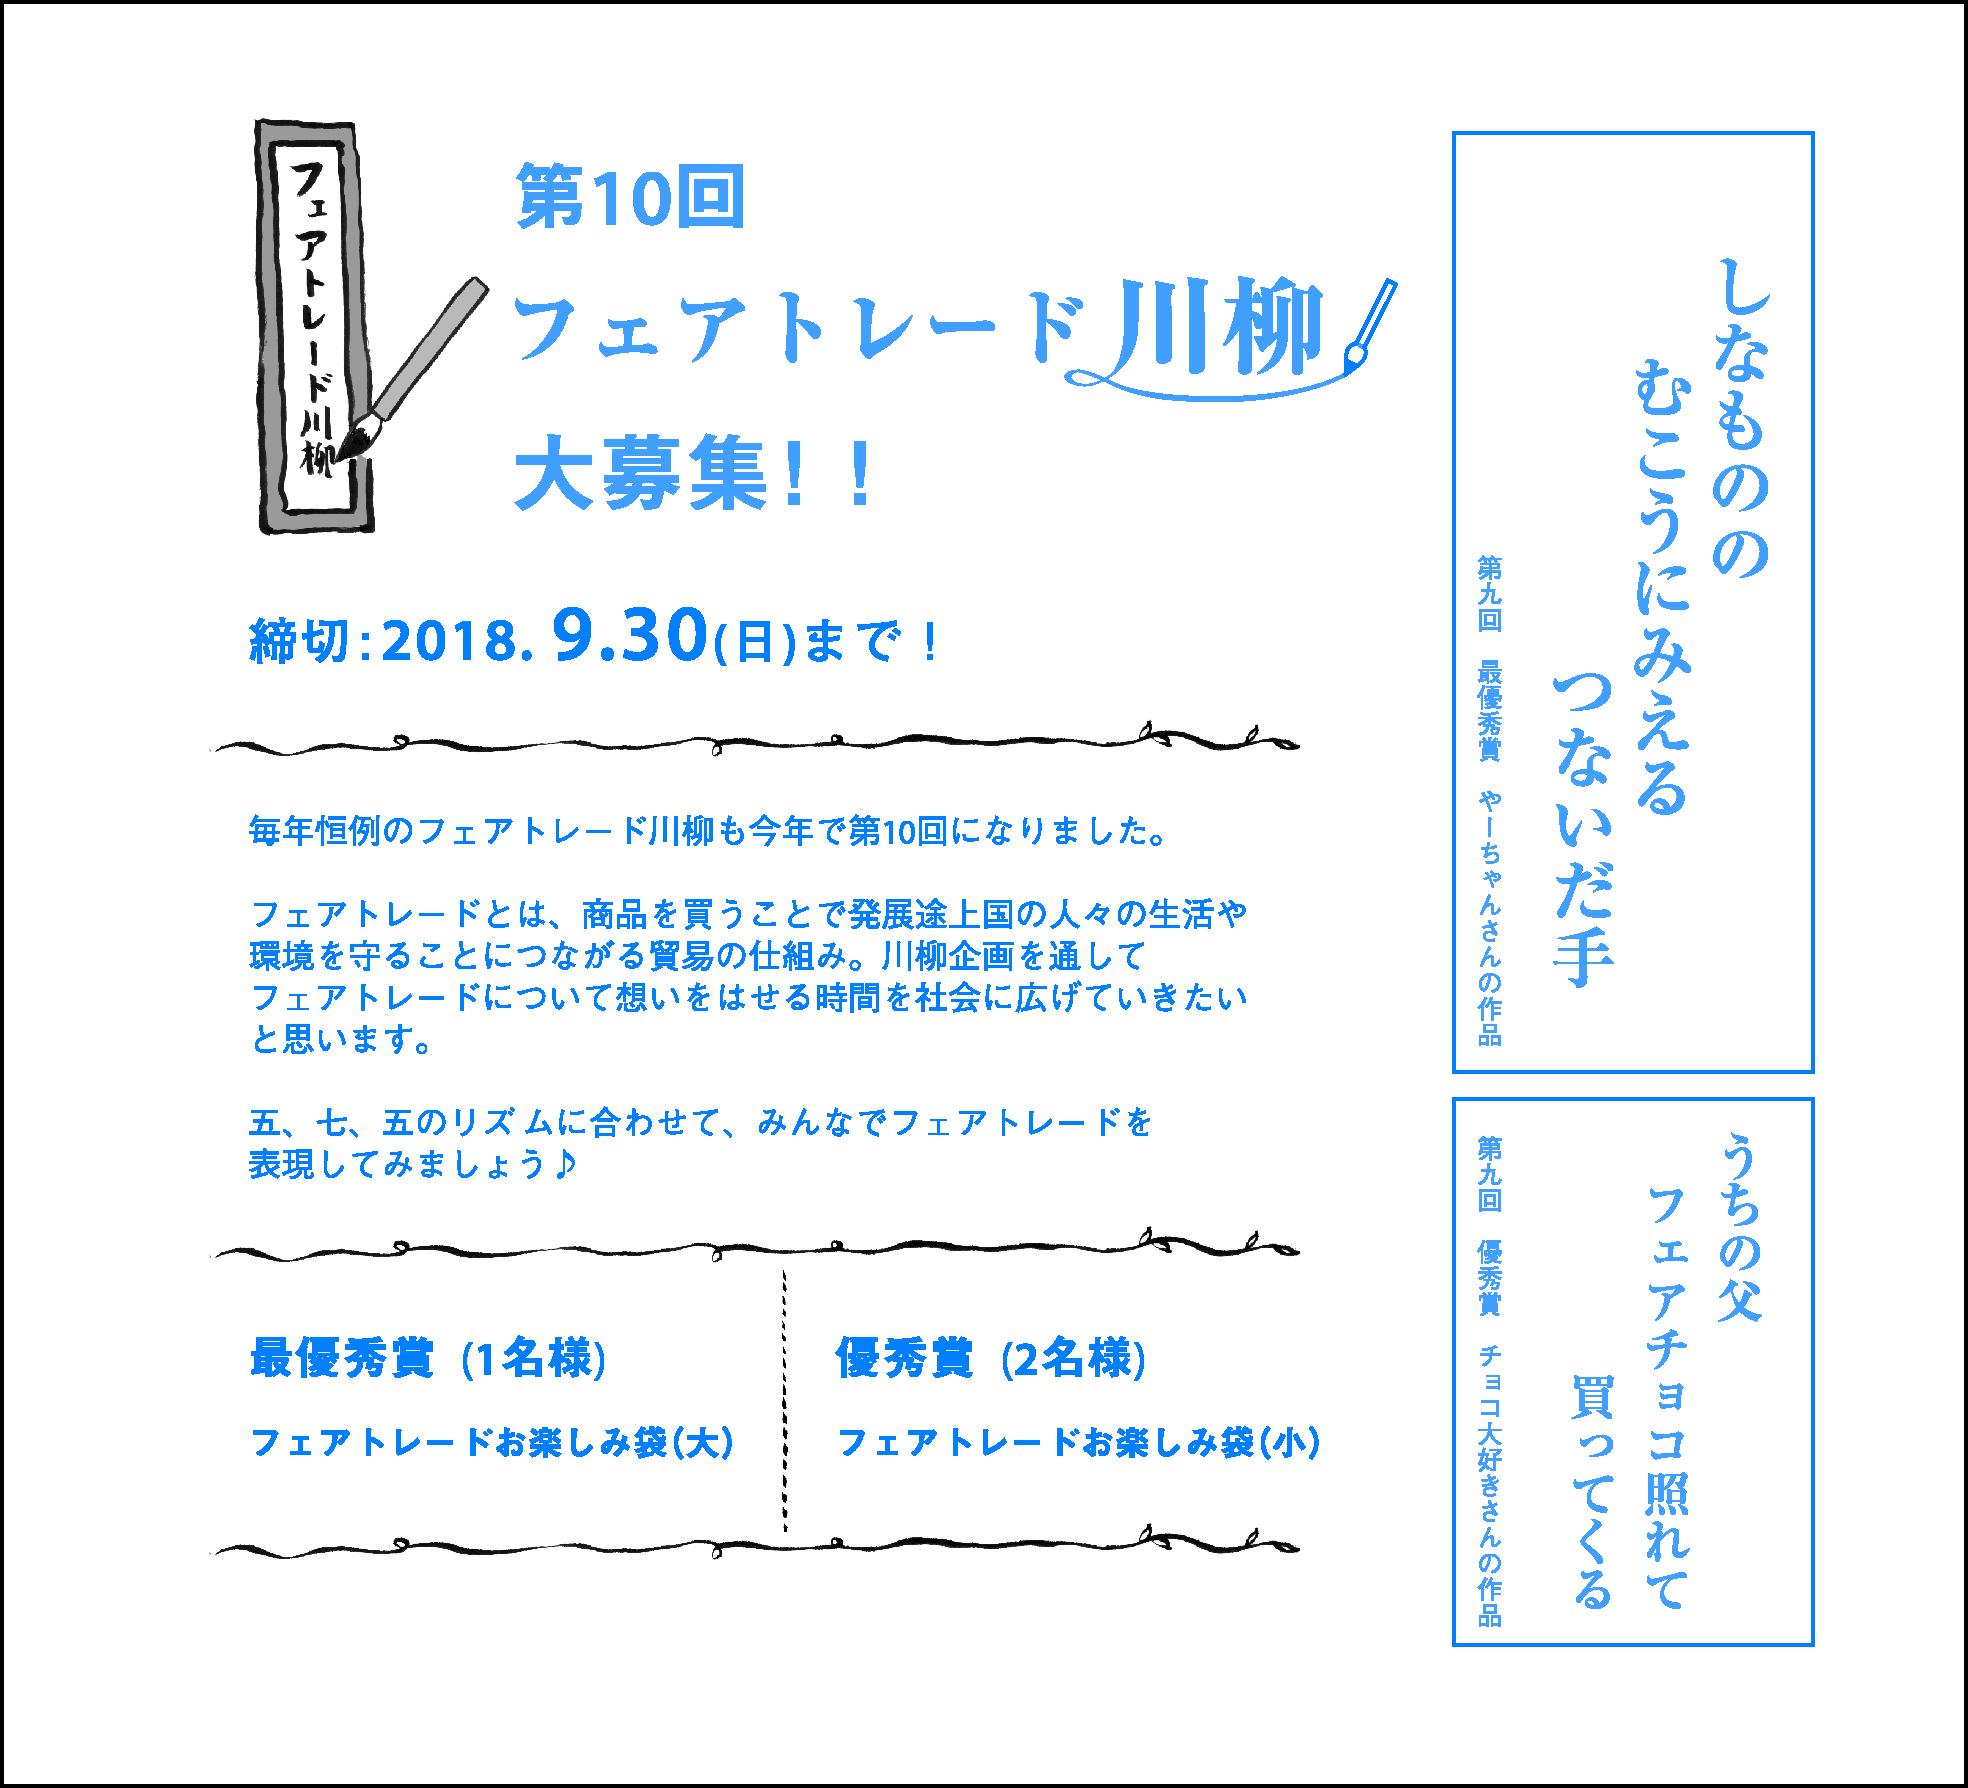 川柳 応募の締切は 9/30(日)!!